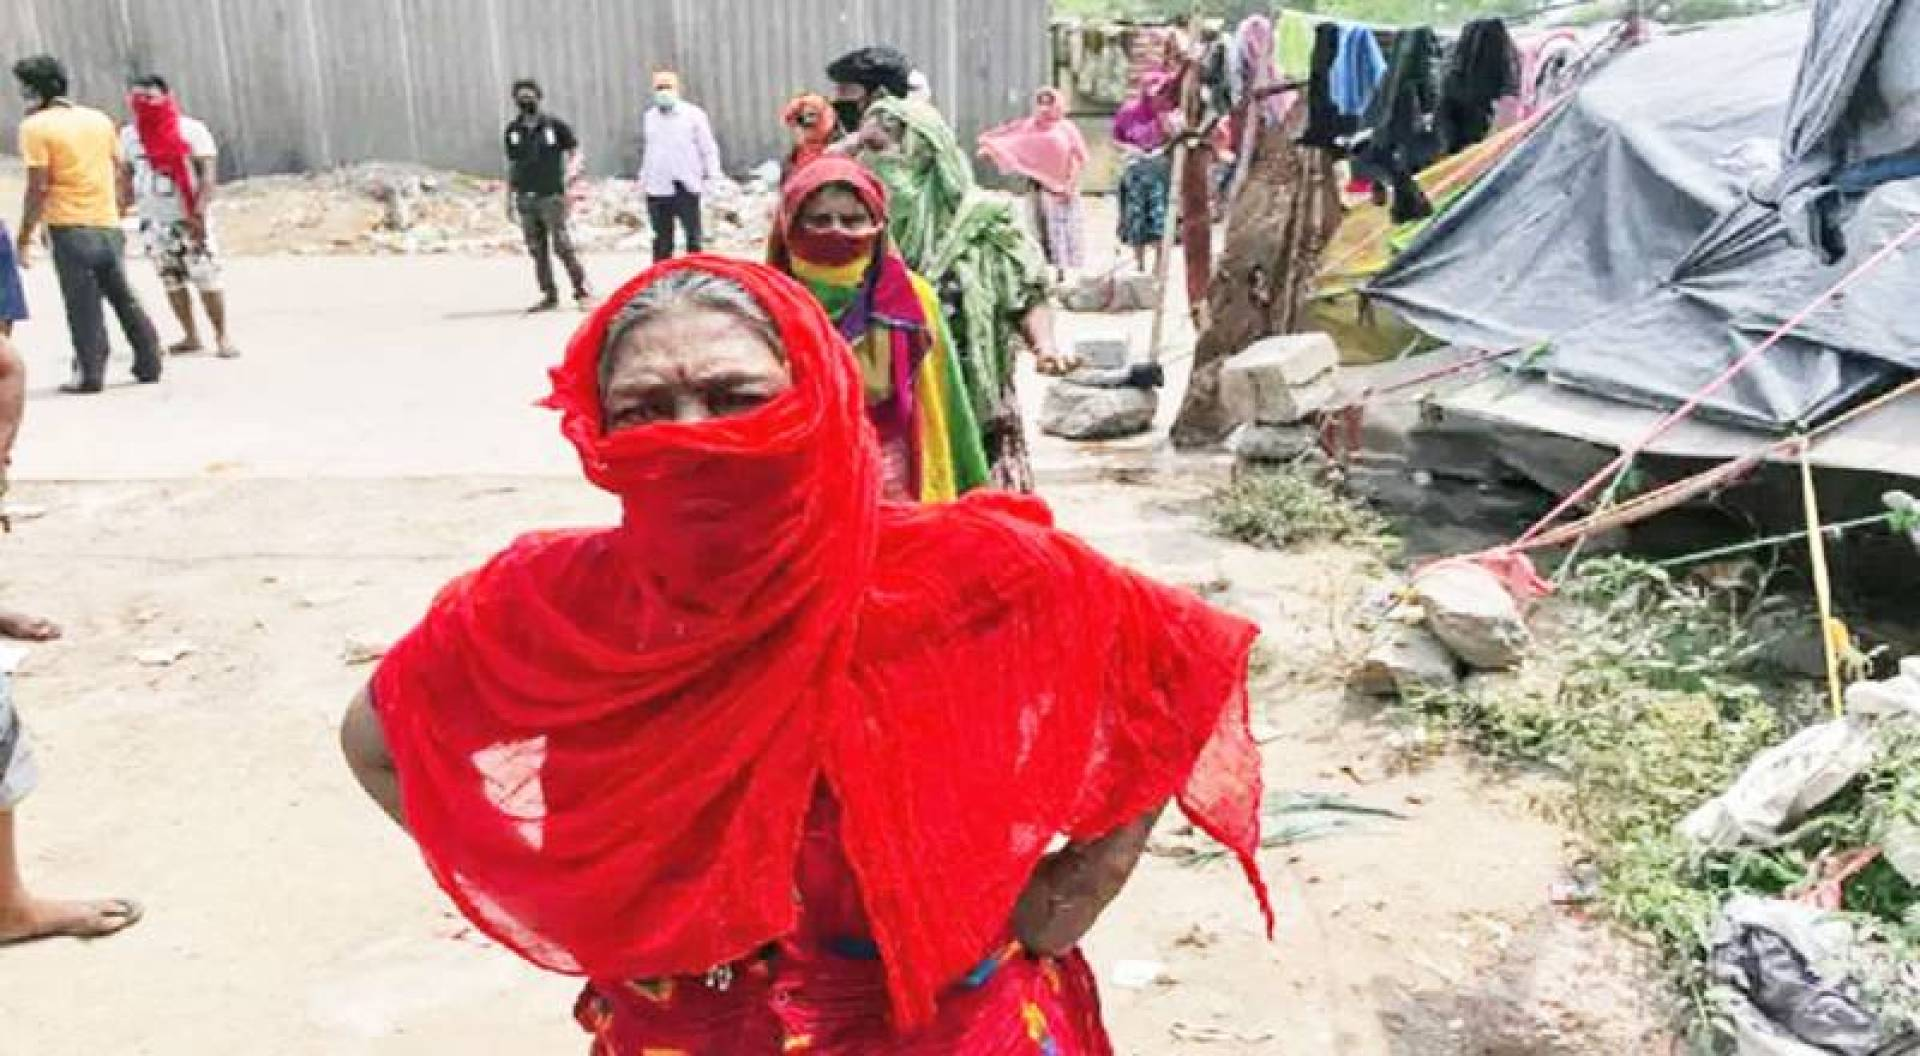 نساء هنديات يستخدمن الوشاح بدلا من الكمام للوقاية من الفيروس التاجي